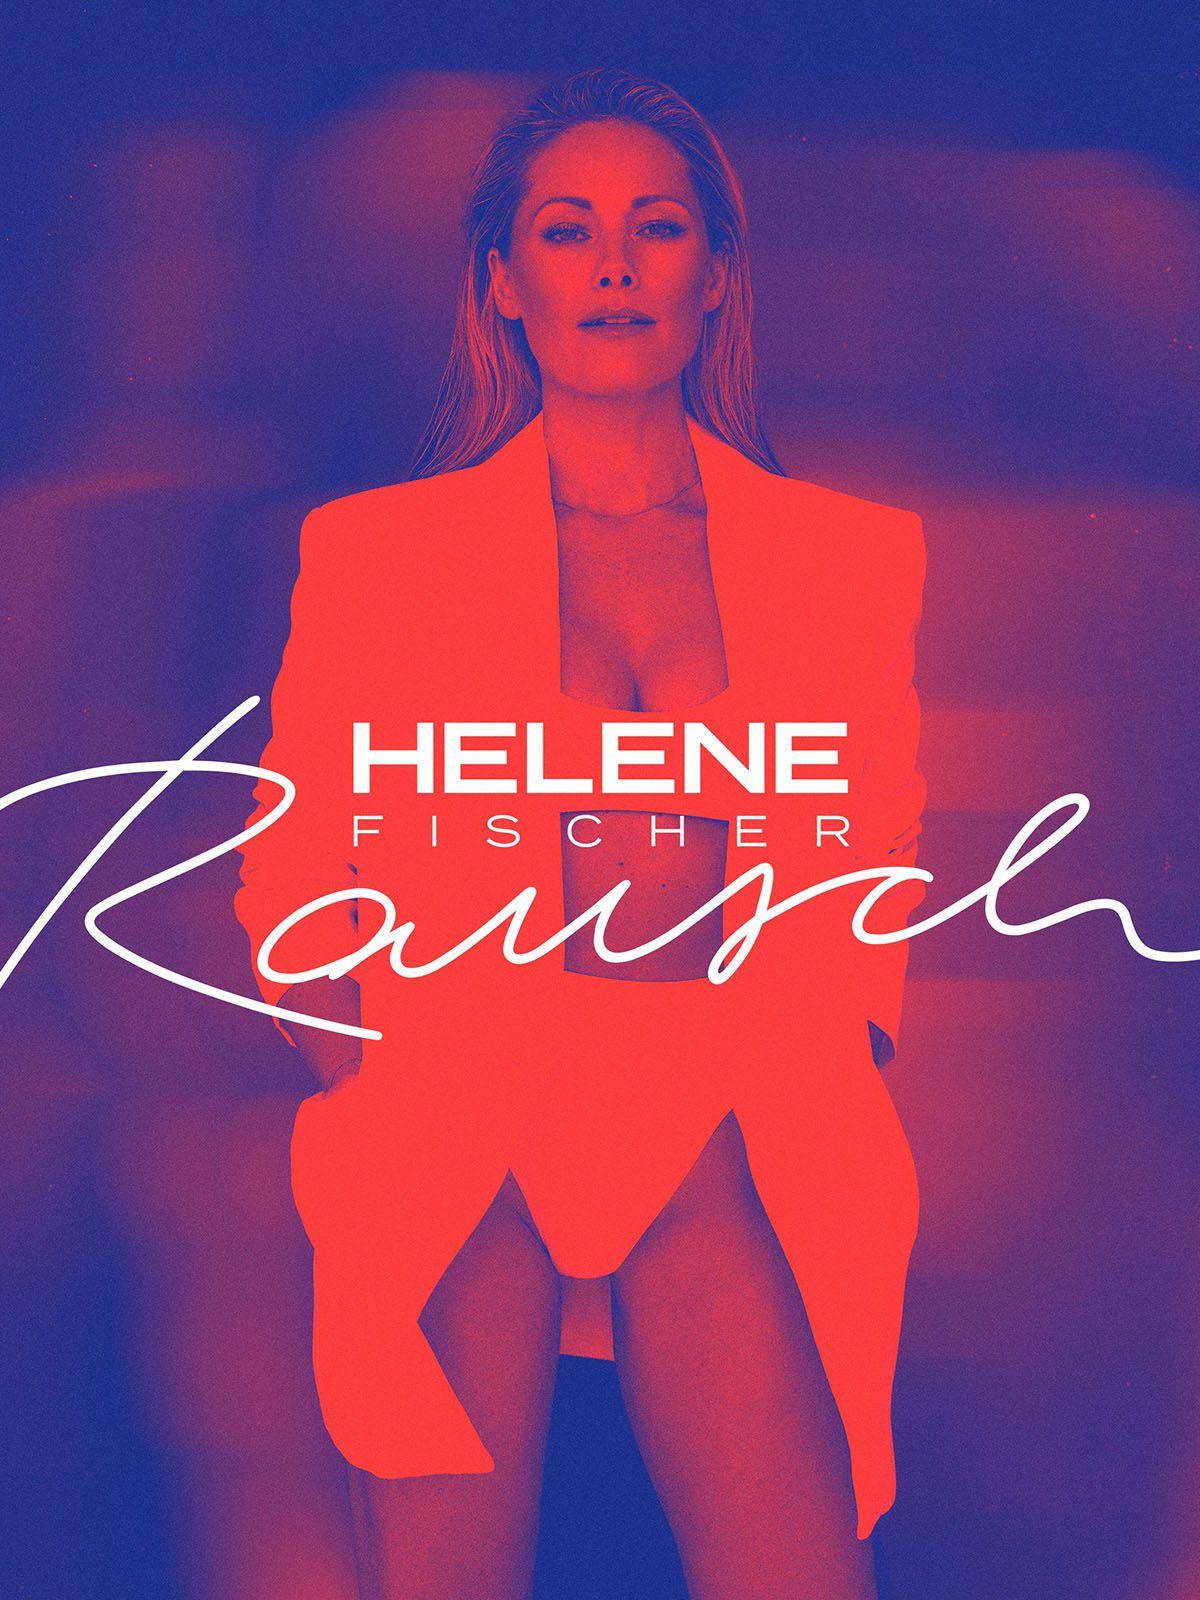 Helene Fischer: Großes Interesse an Tickets für Münchner Megashow